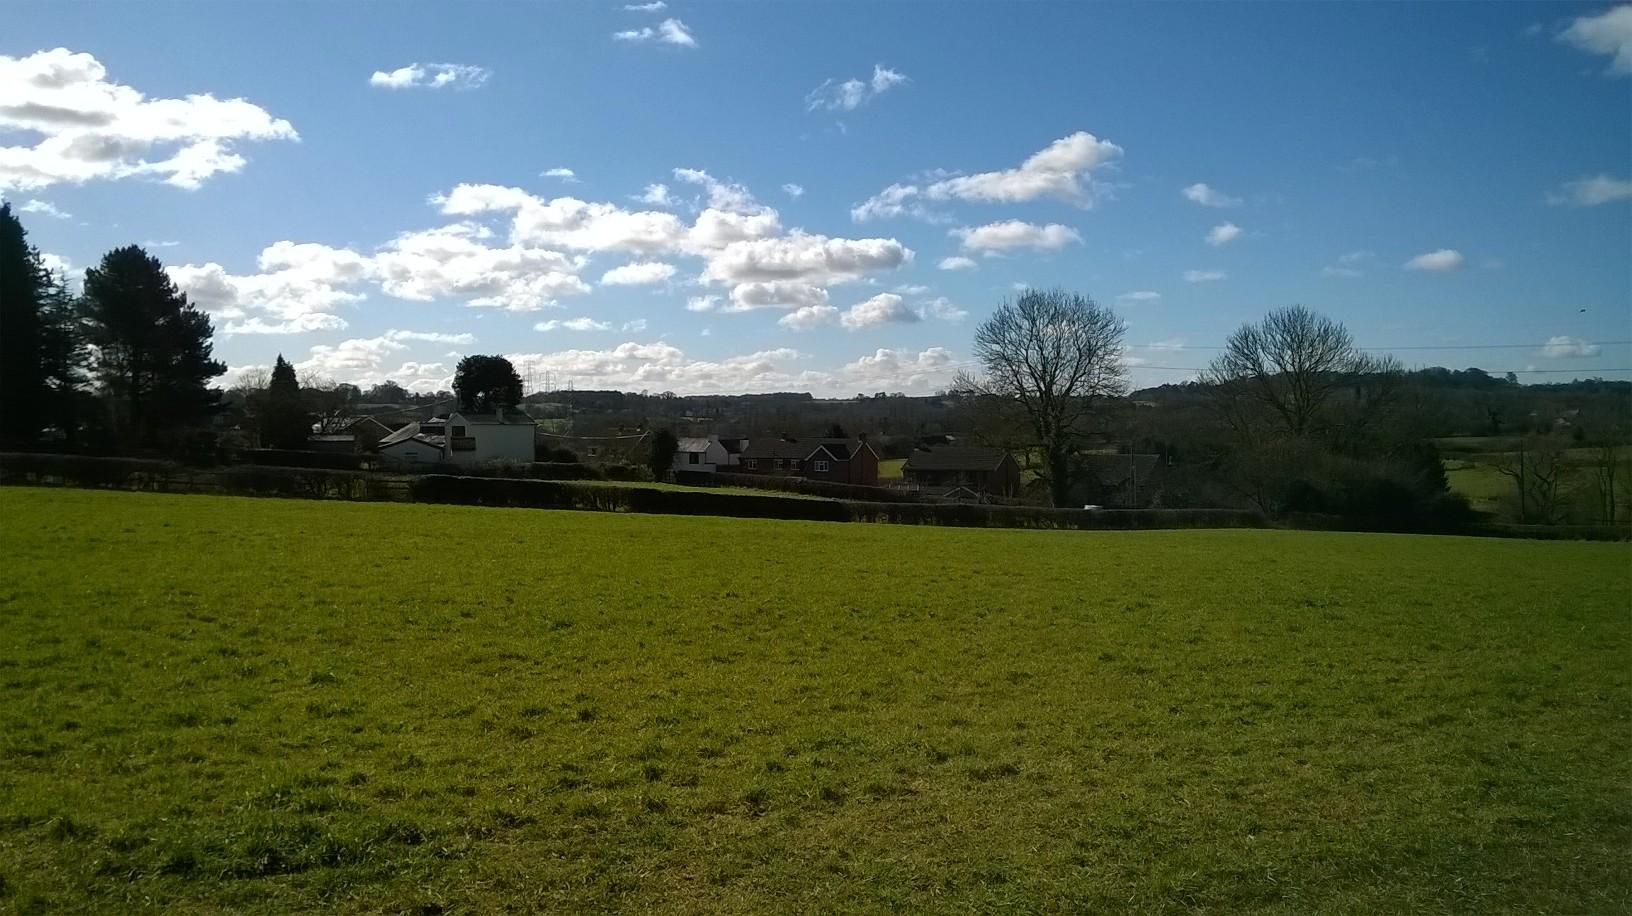 Field View 2